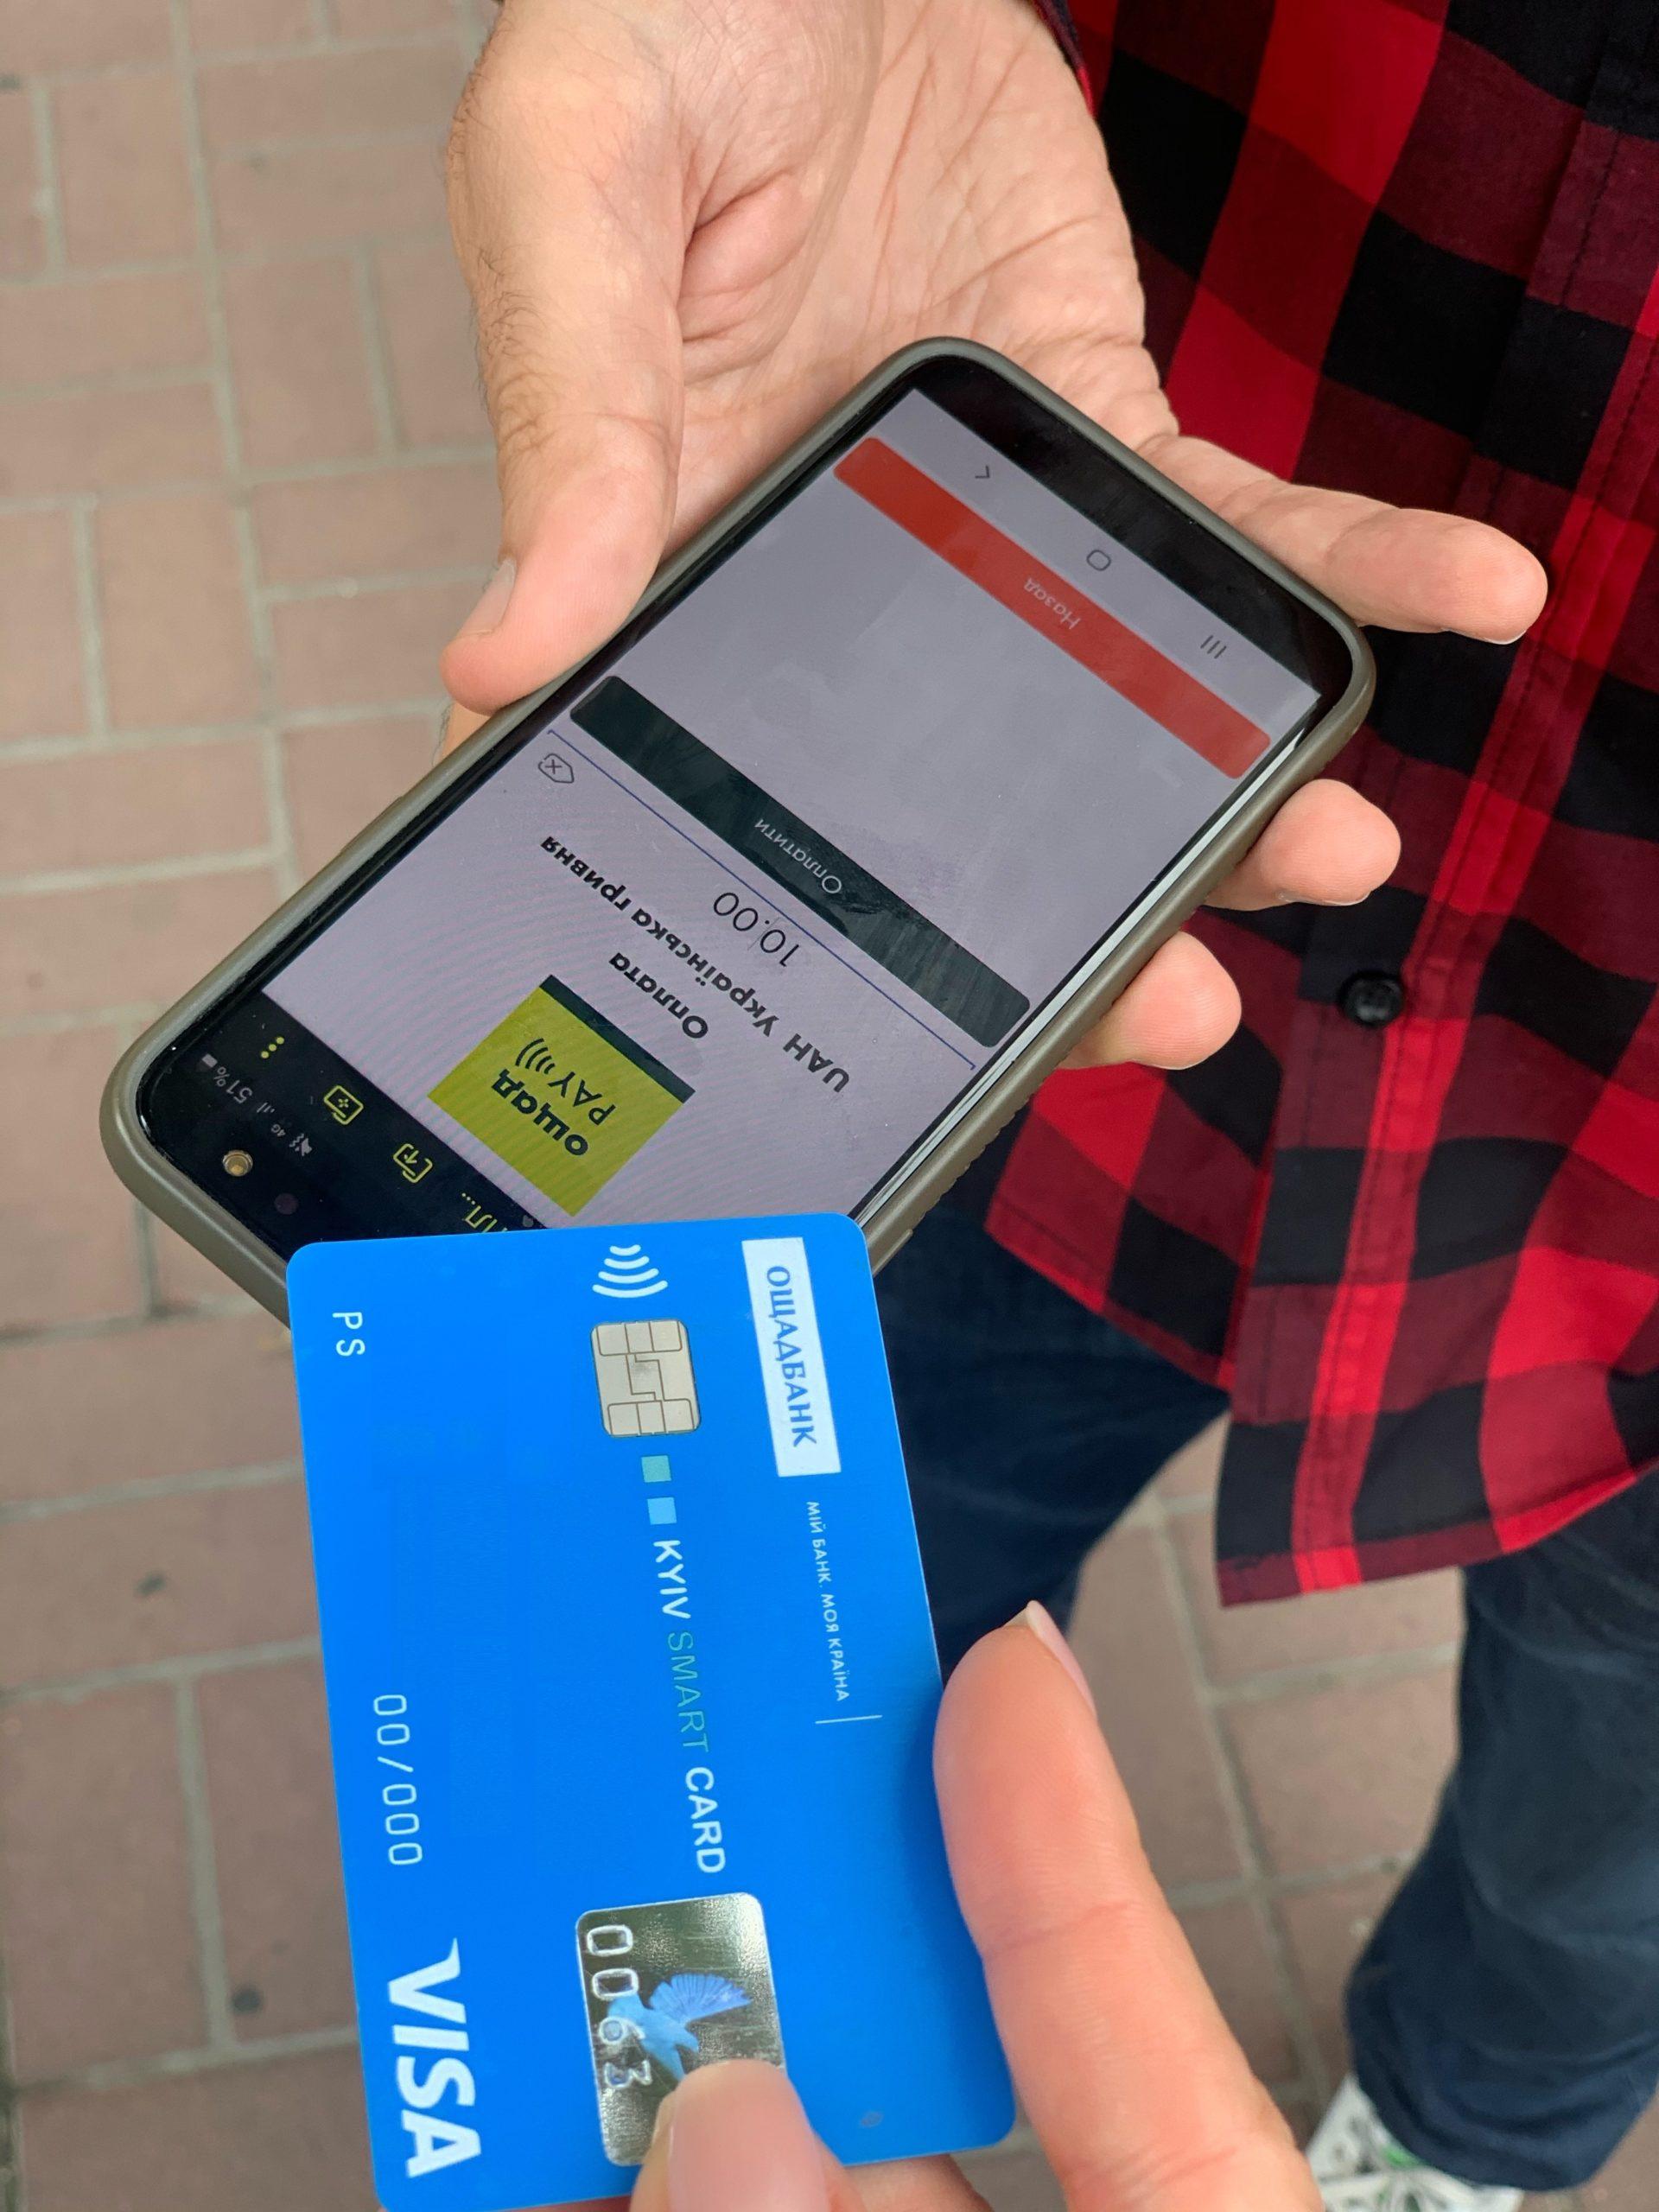 Ощадбанк в партнерстве с Visa запускает сервис ОщадPAY на базе технологии Visa Tap to Phone для приема бесконтактных платежей в смартфонах